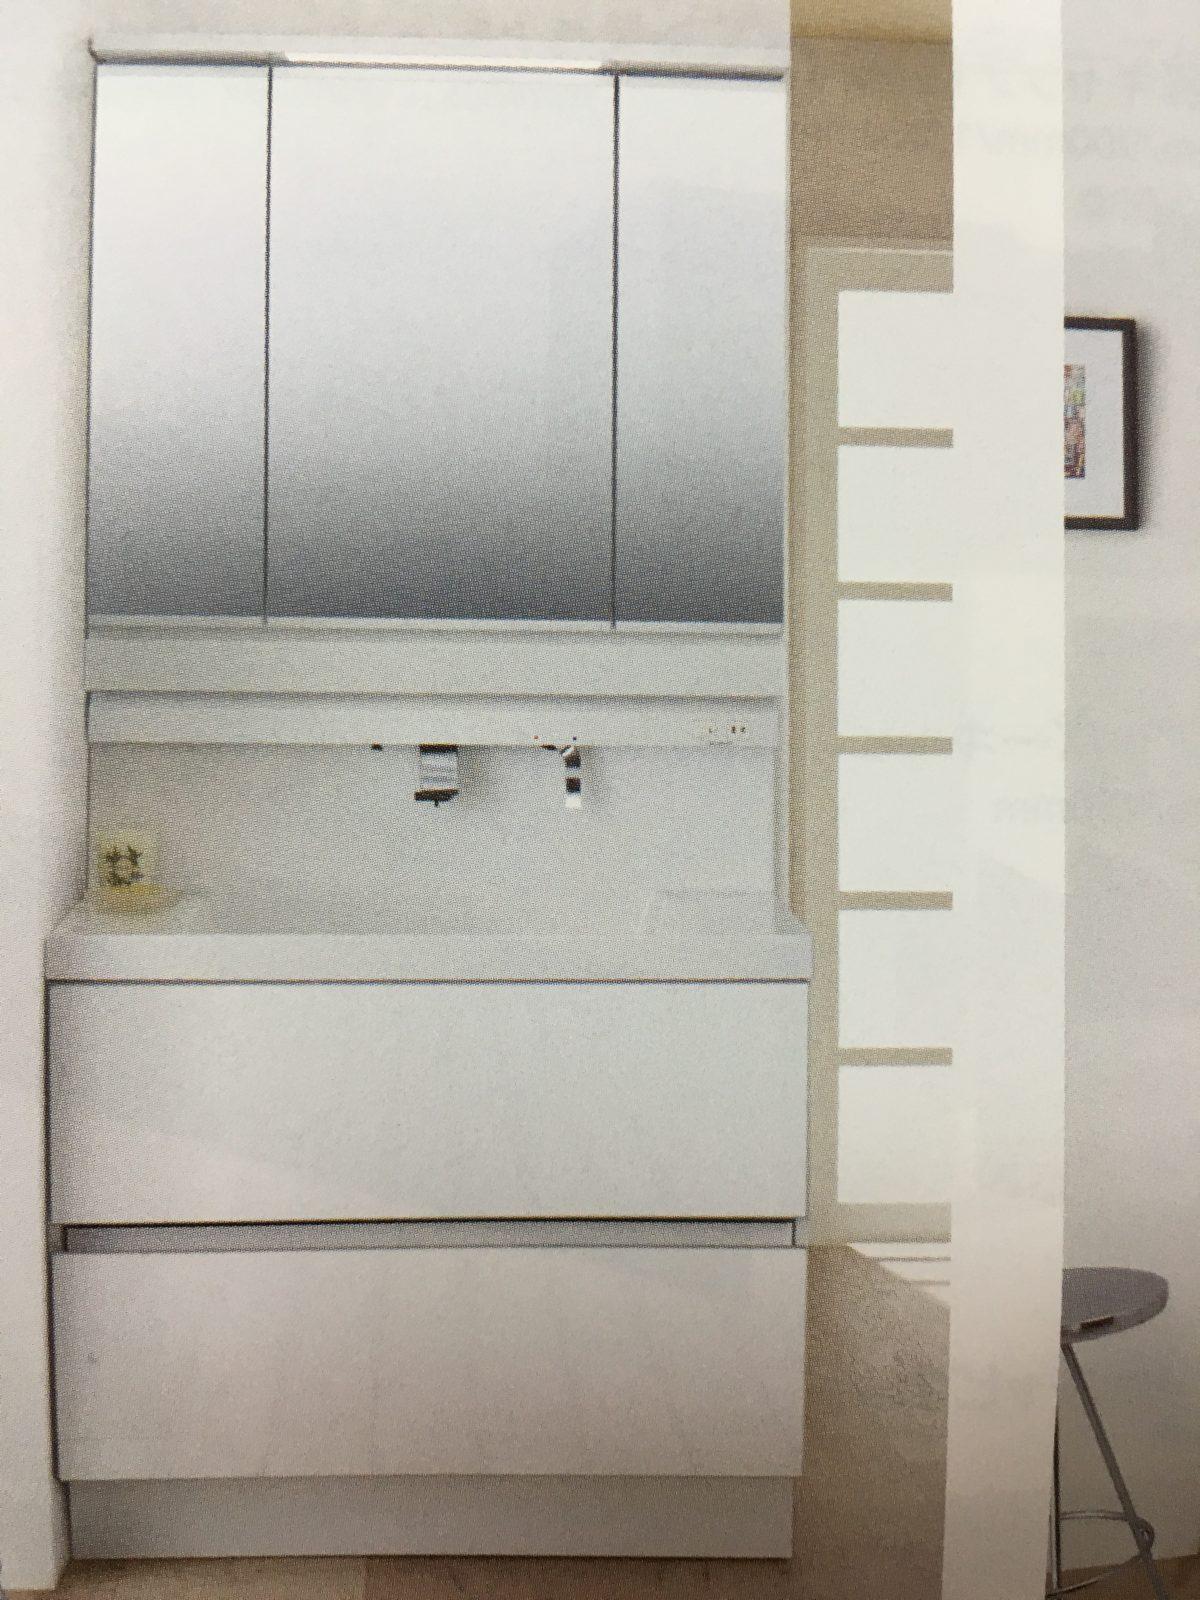 【設備】洗面台はリクシルさんのLCIDシリーズ